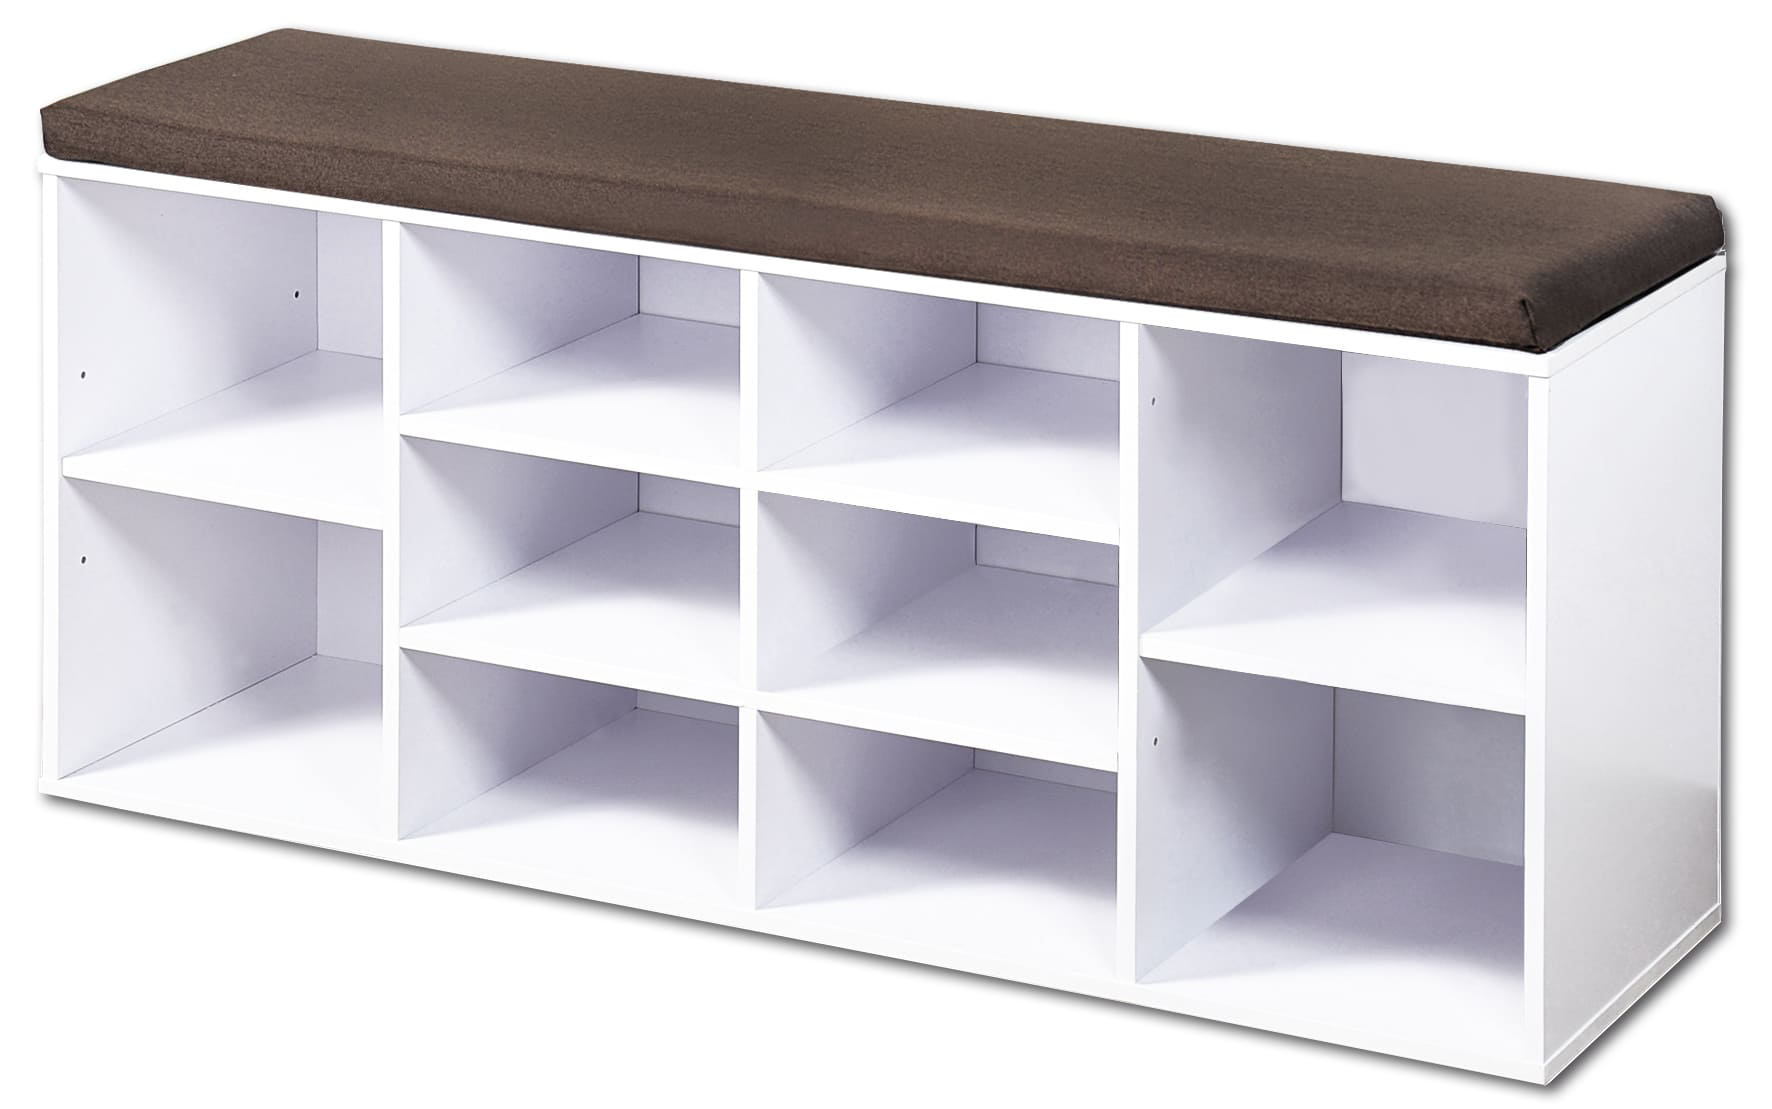 4goodz Schoenenbank met kussen 103x29,5x48 cm - 10 vaks - Wit